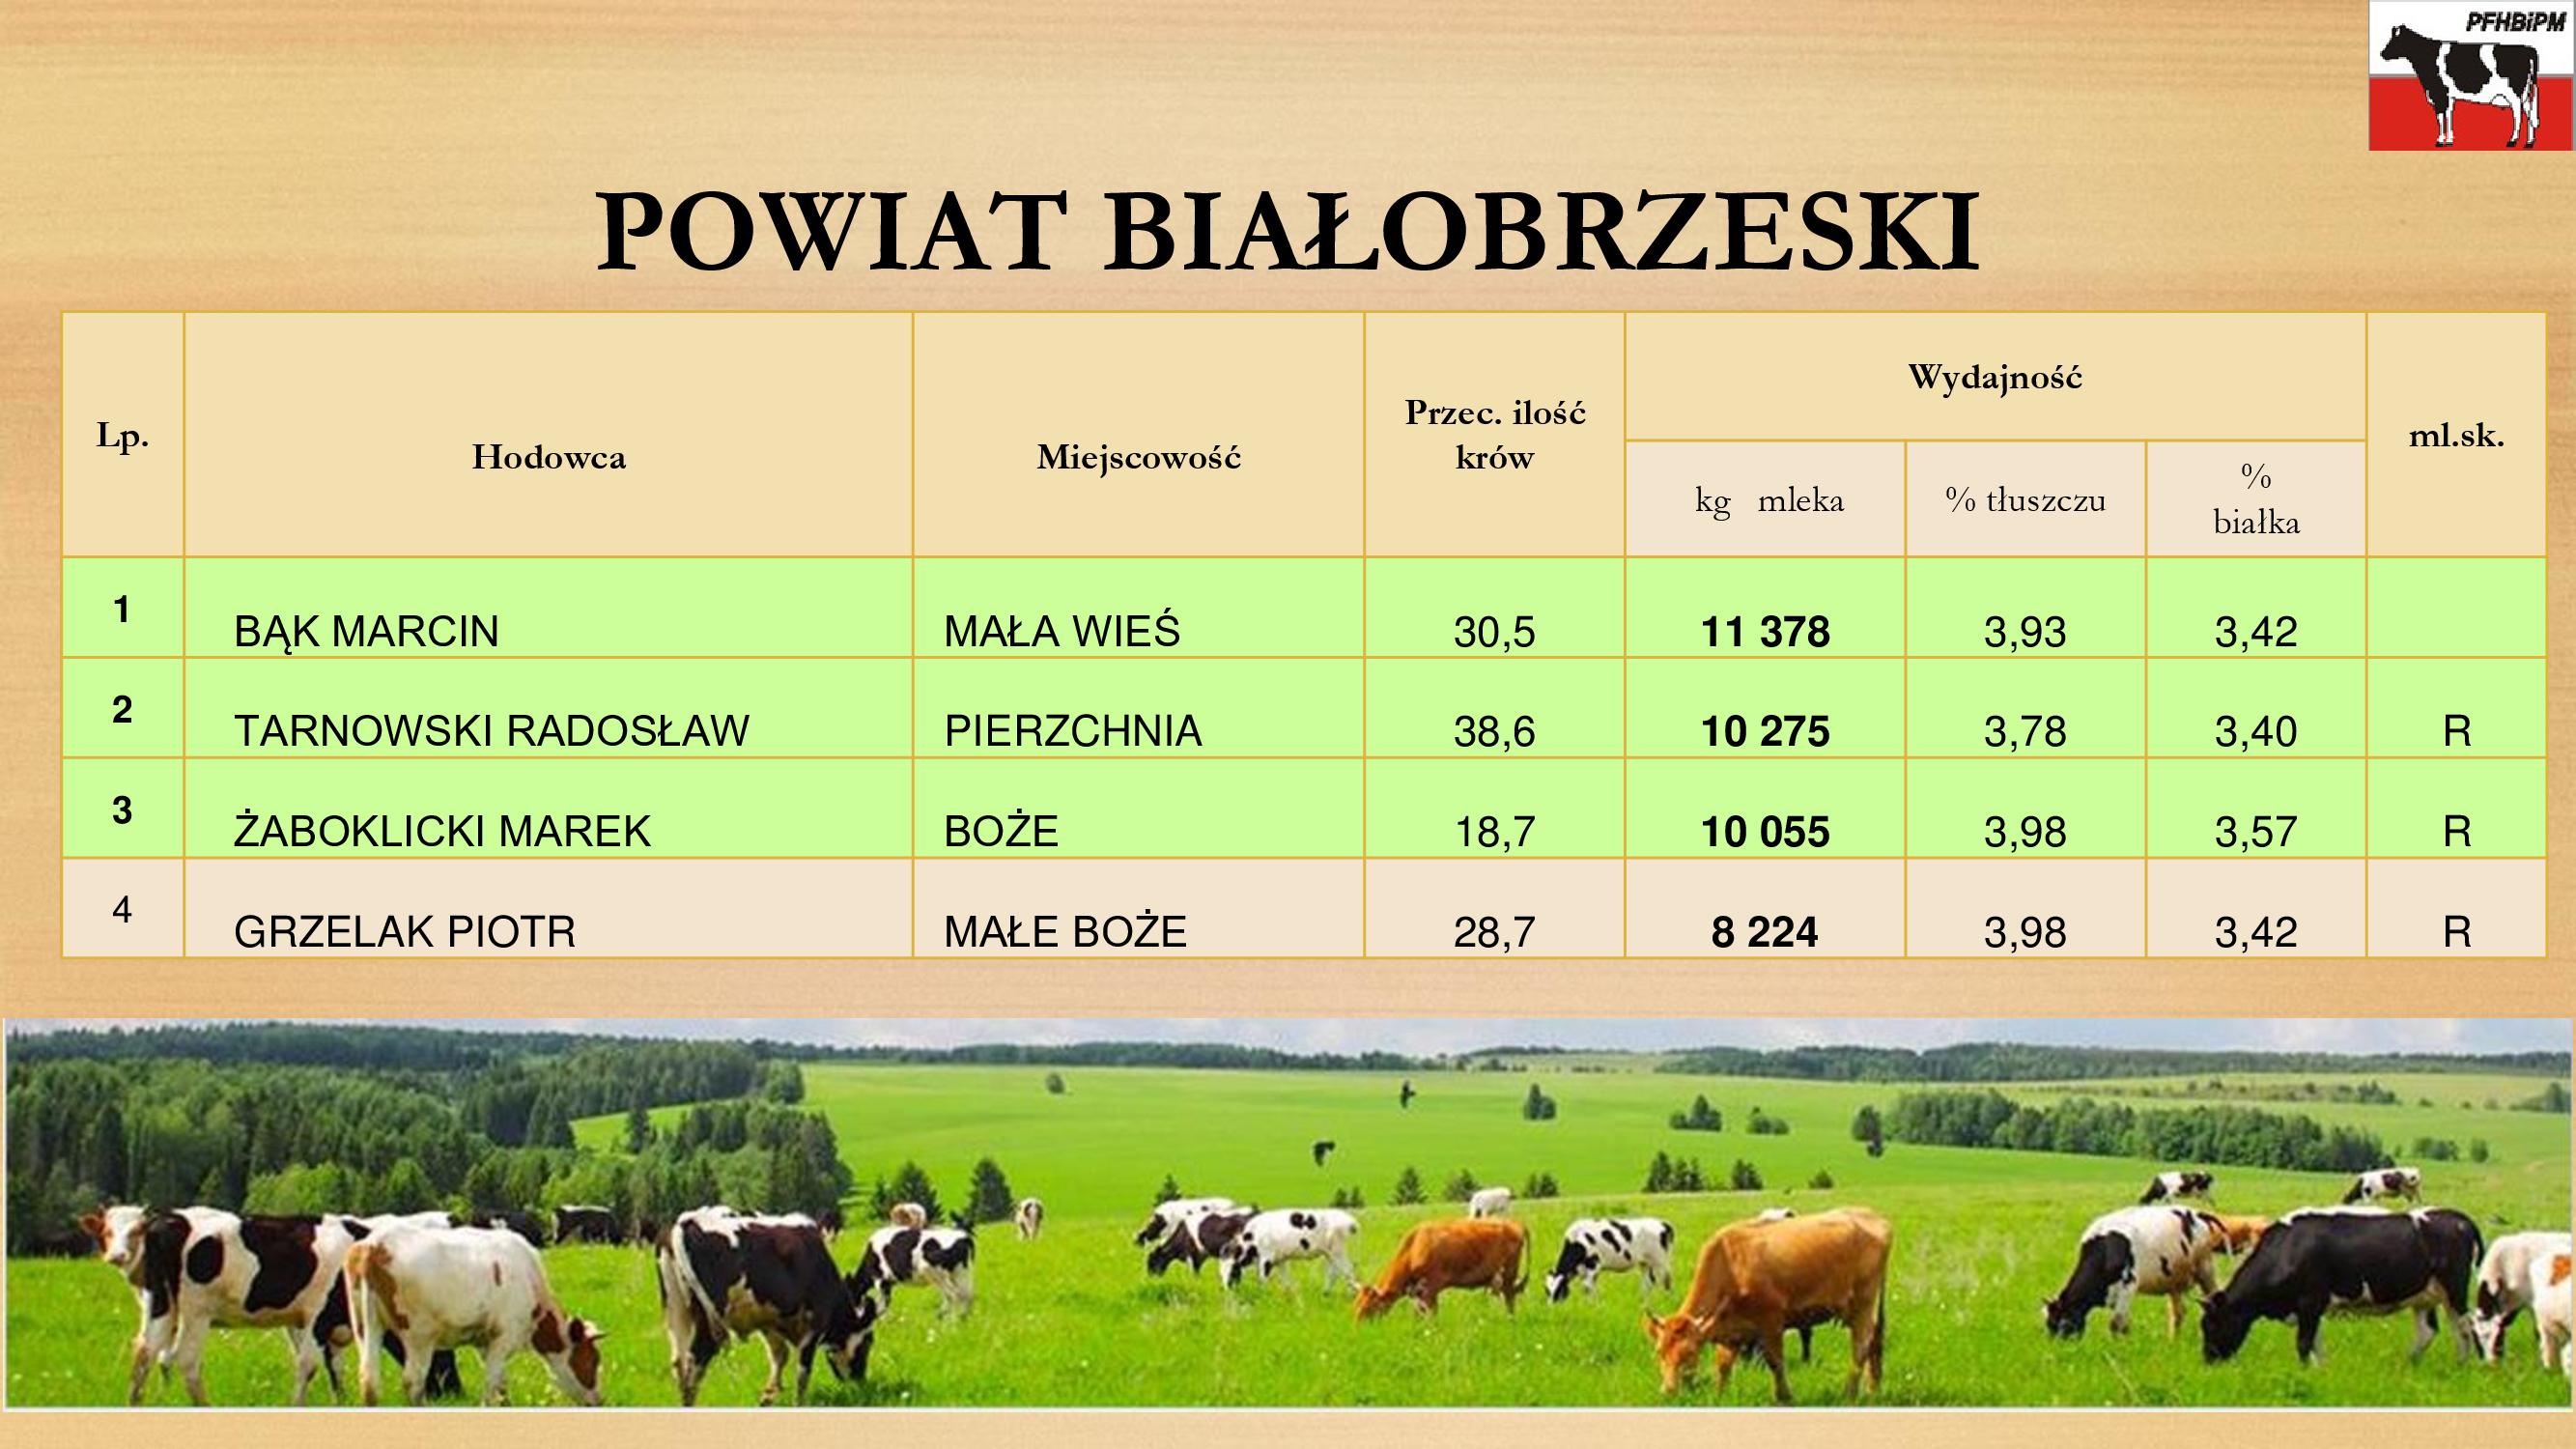 Powiat Białobrzeski